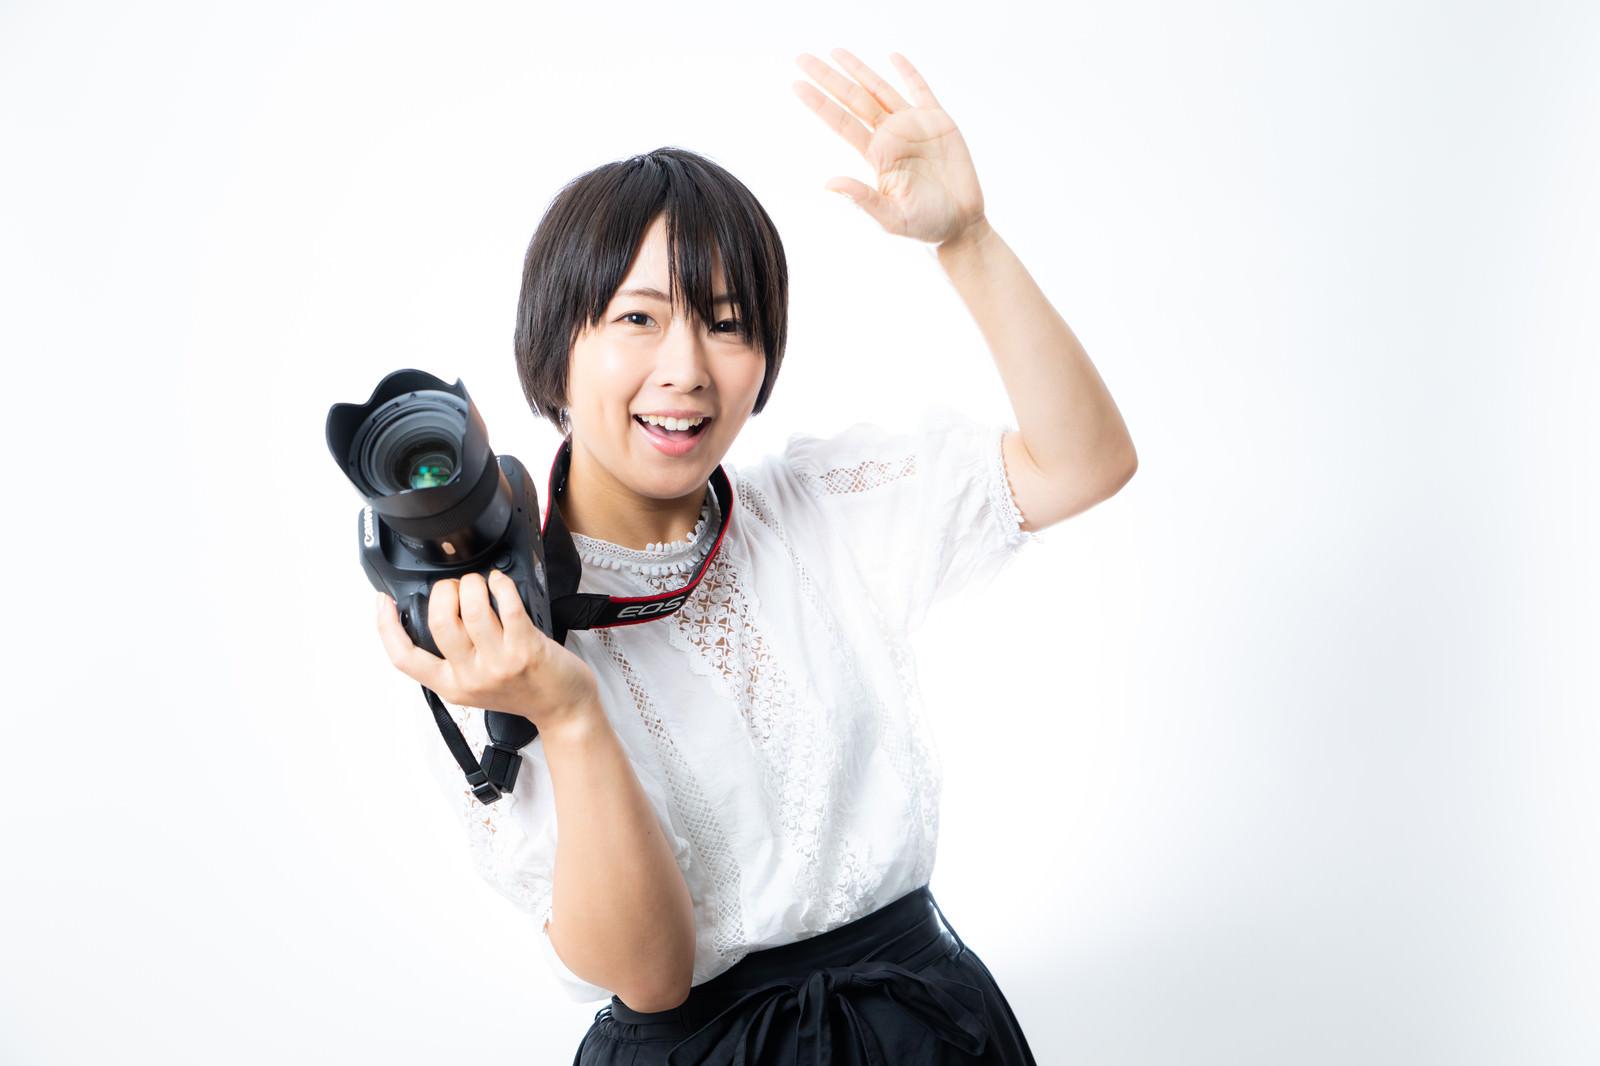 「こっちに視線いただけますか?(カメコ女子) | 写真の無料素材・フリー素材 - ぱくたそ」の写真[モデル:にゃるる]